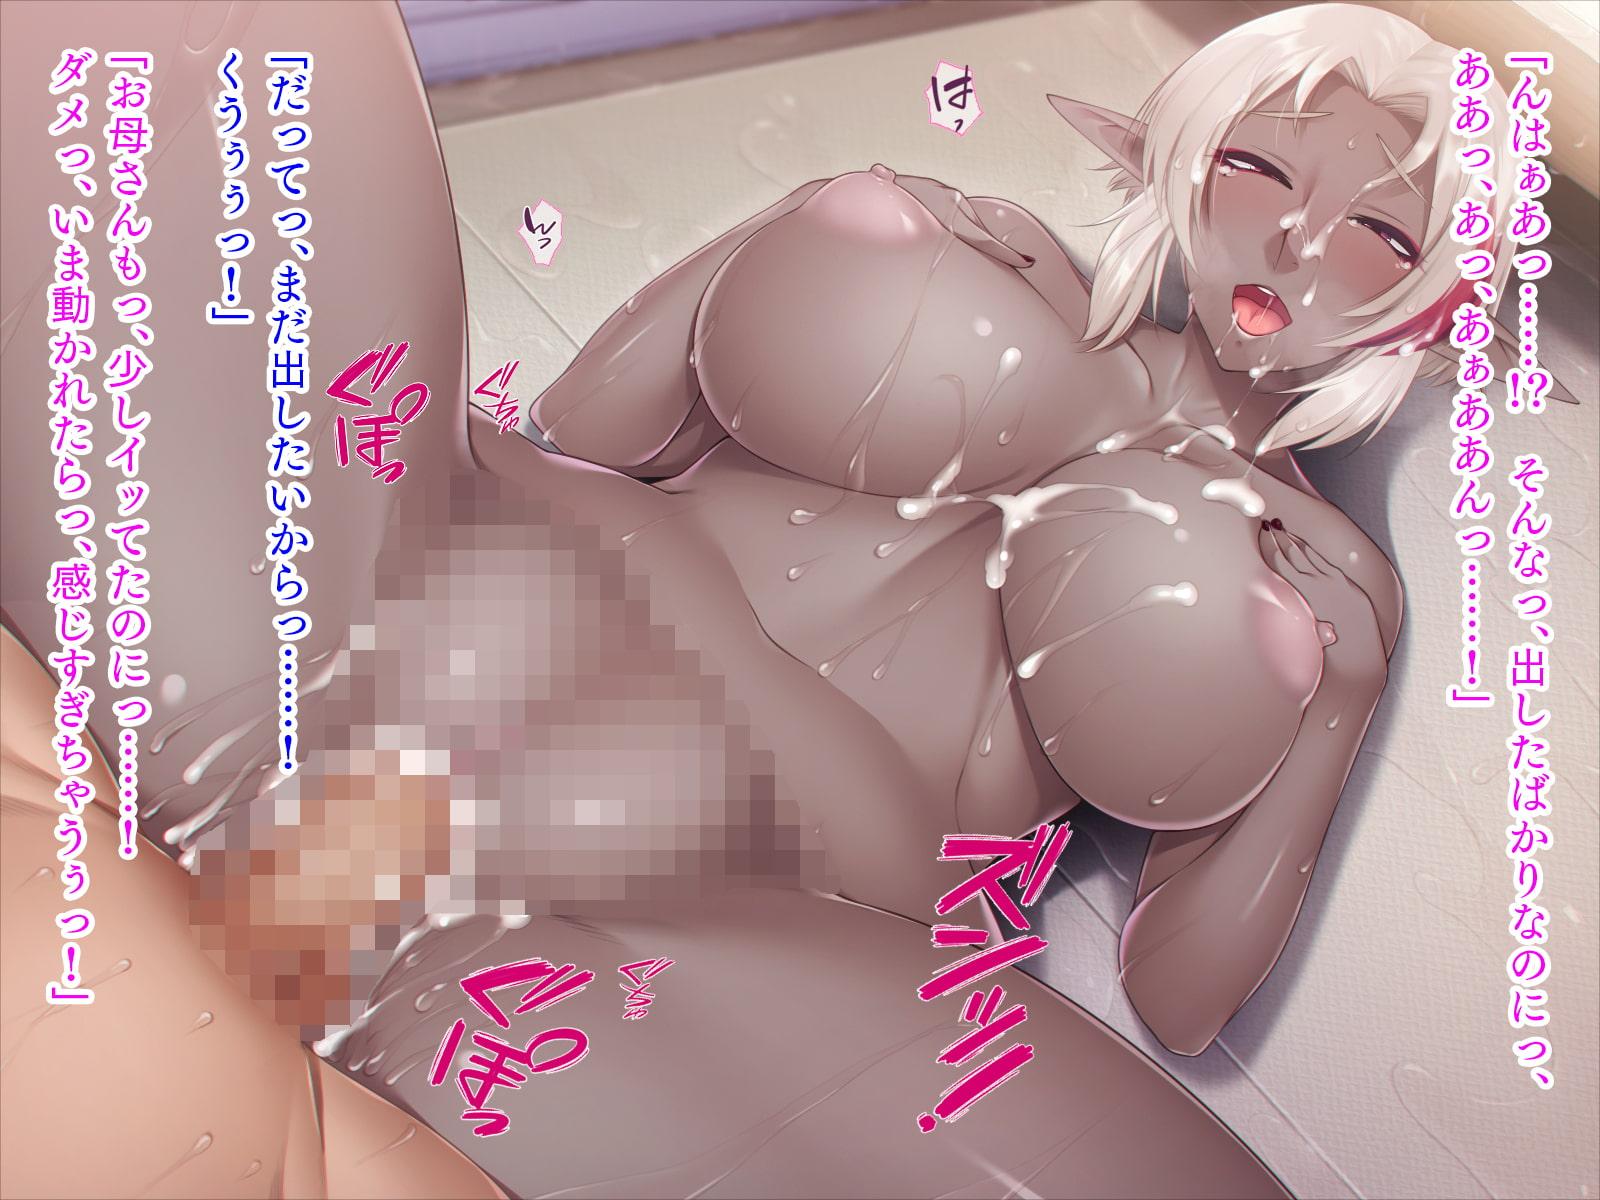 爆乳ダークエルフになった母親が、エロすぎて困る。